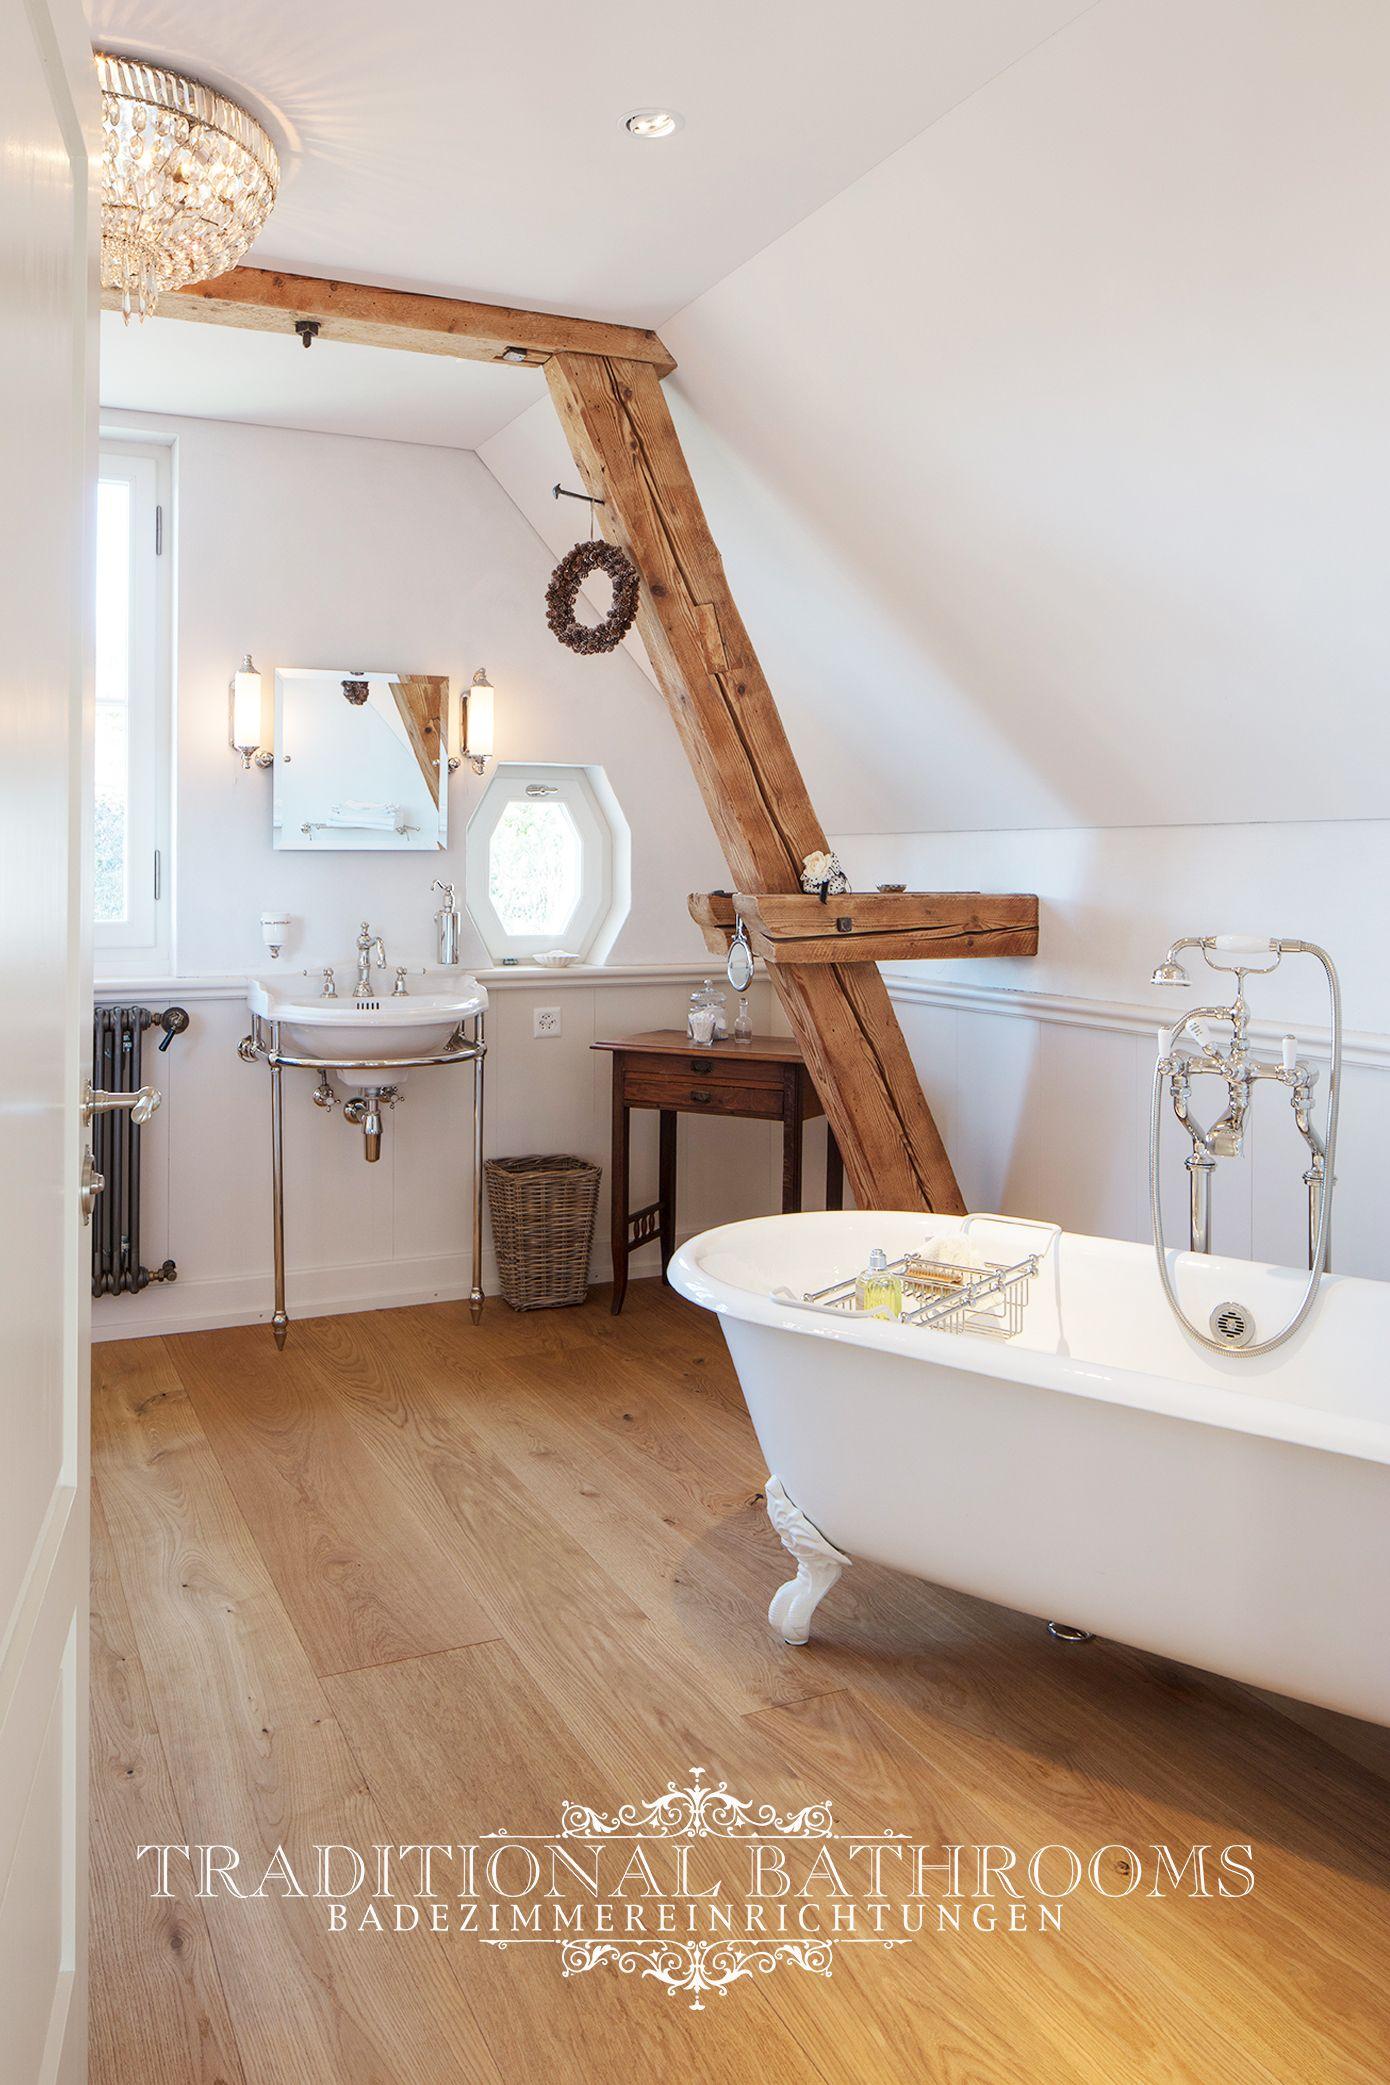 Badezimmer Im Klassischen Landhausstil Traditionelle Bader Badezimmereinrichtung Bad Styling